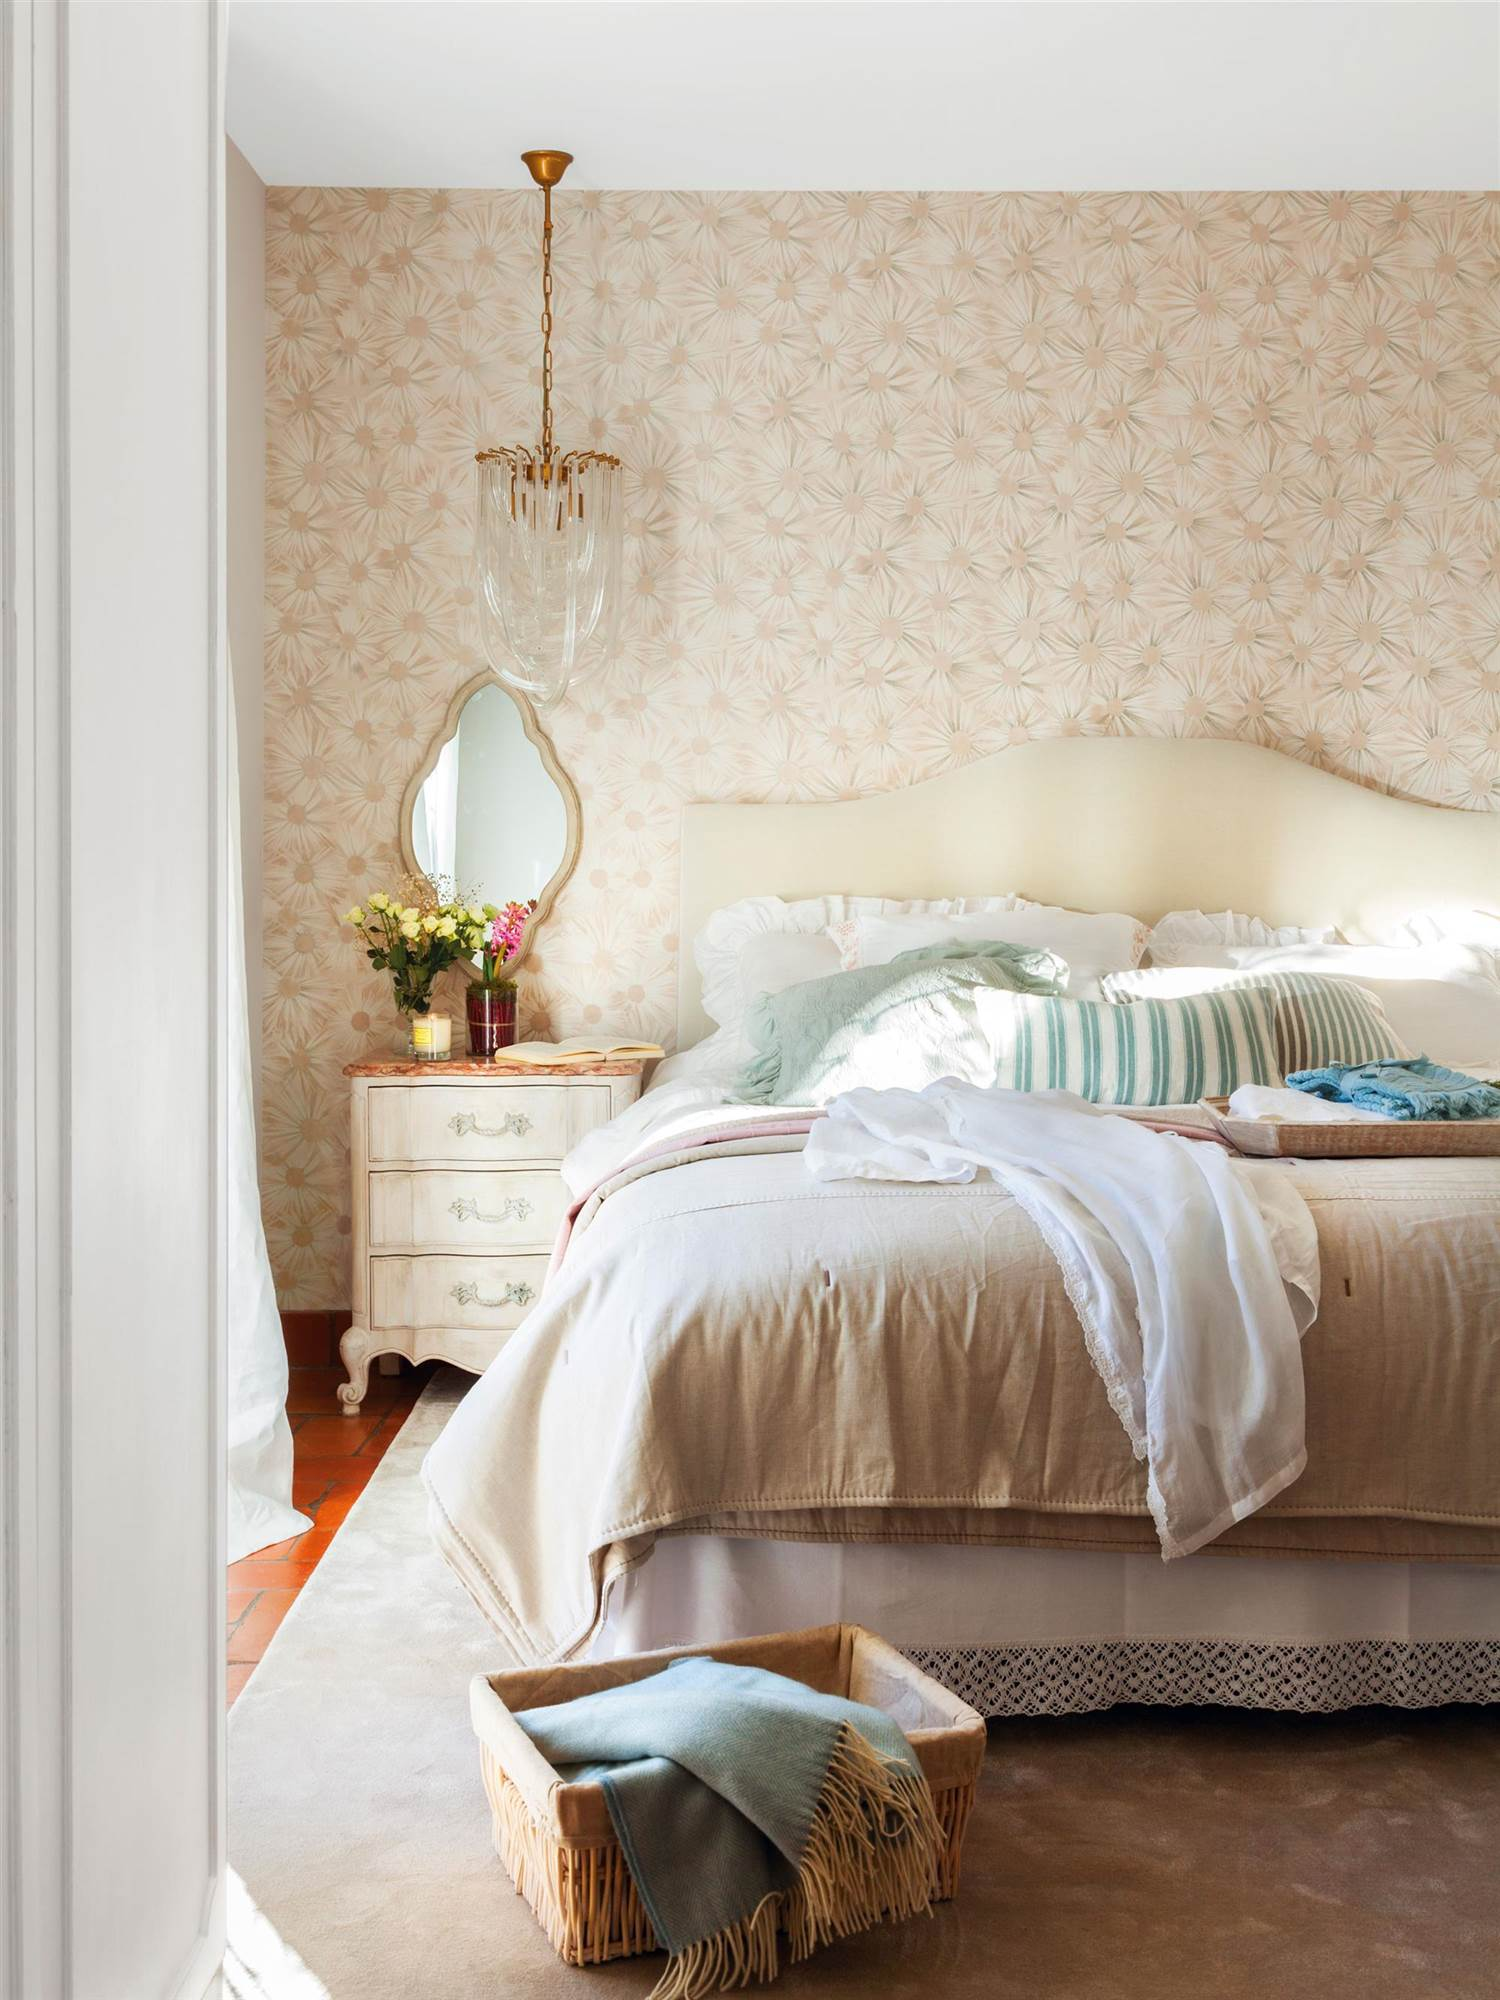 Las mejores ideas de la decoradora y estilista isabel flores - Papel pintado para cabeceros de cama ...